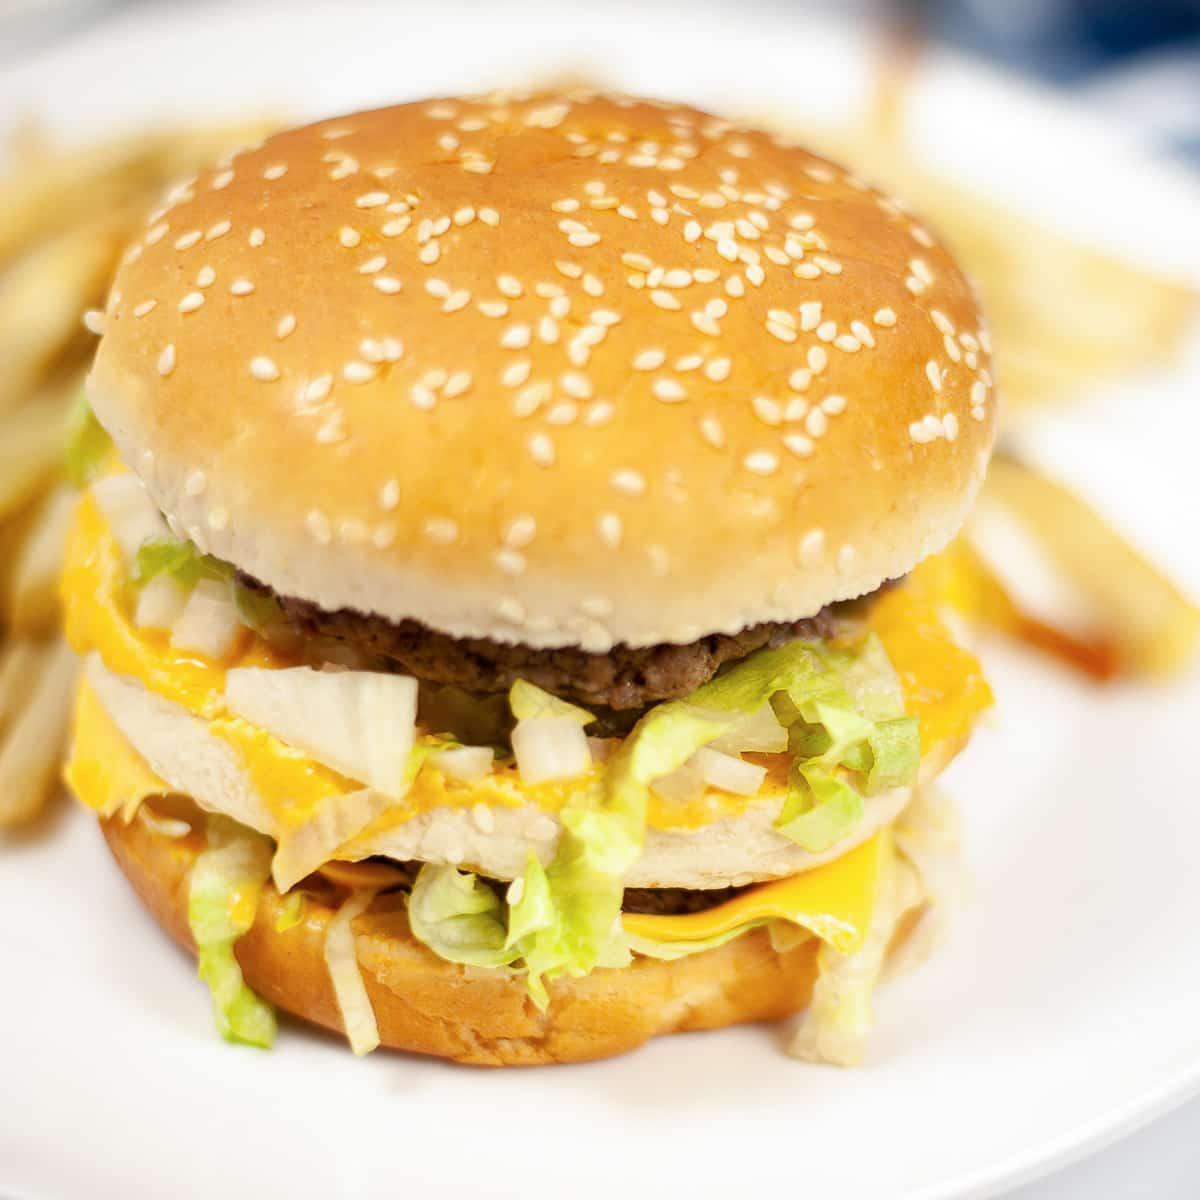 burger with vegan Big Mac sauce